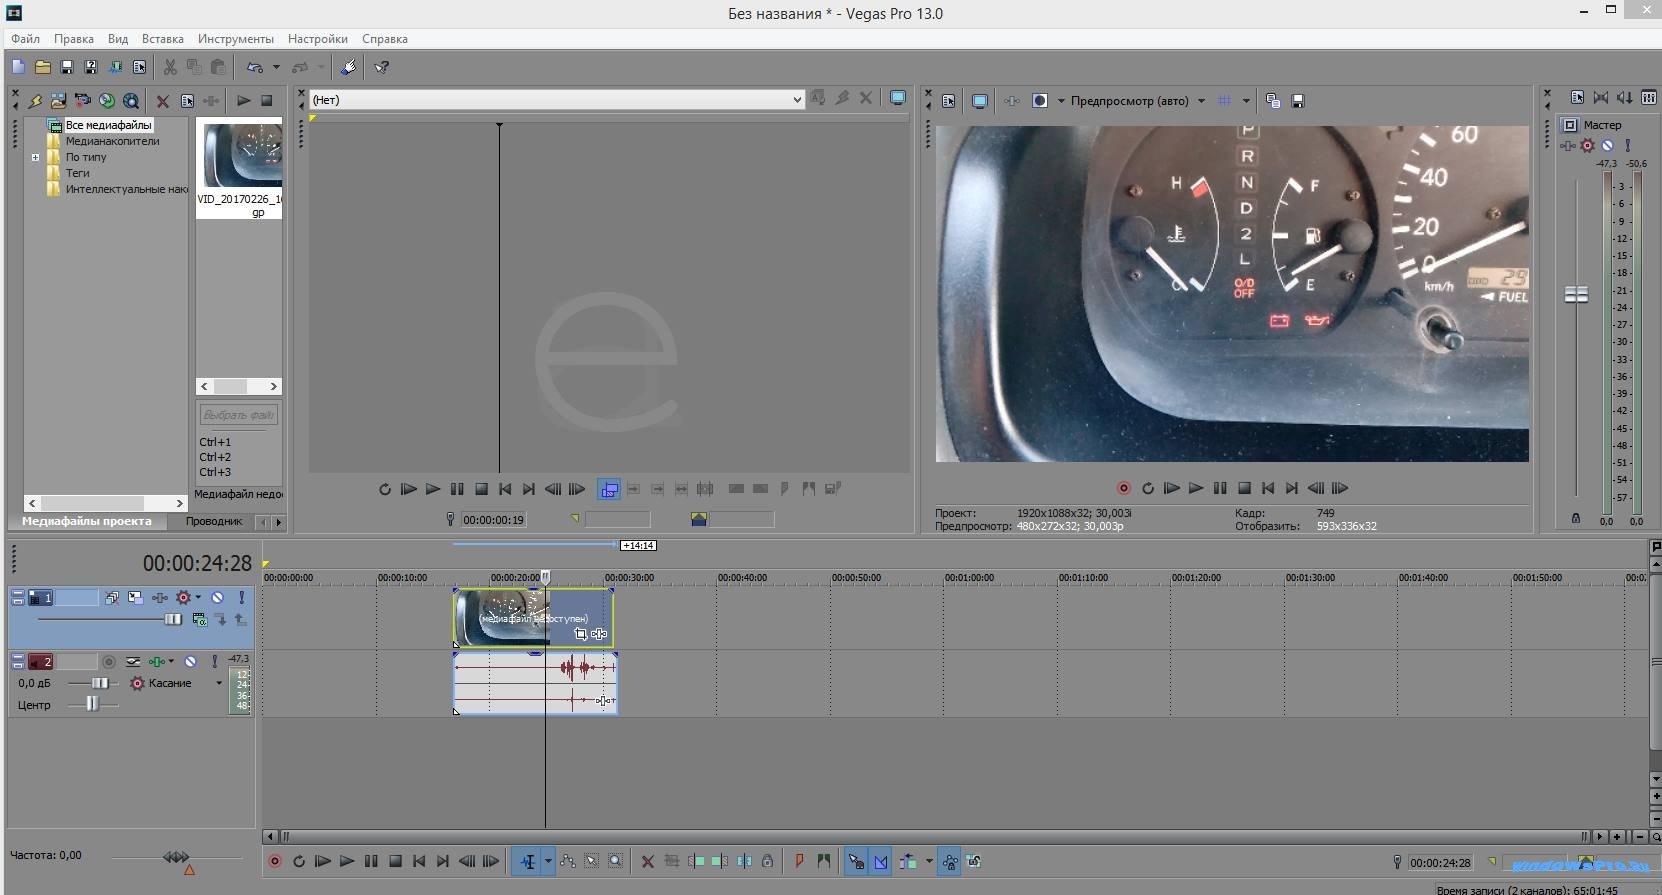 Программы для создания и монтажа видео скачать бесплатно.